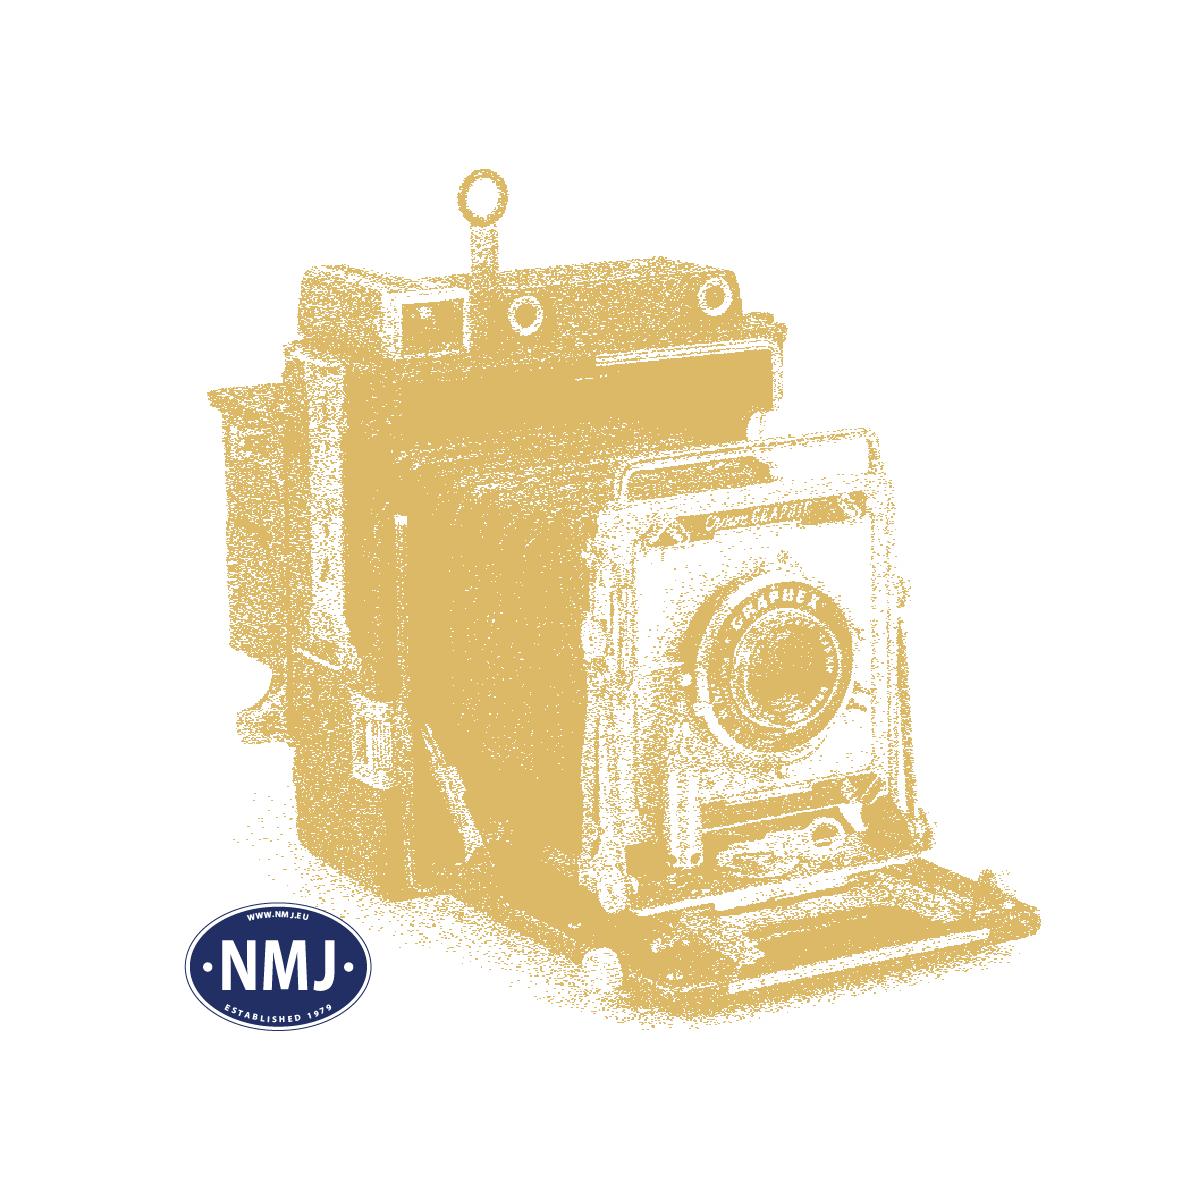 NOC15841 - På Badestraden #1